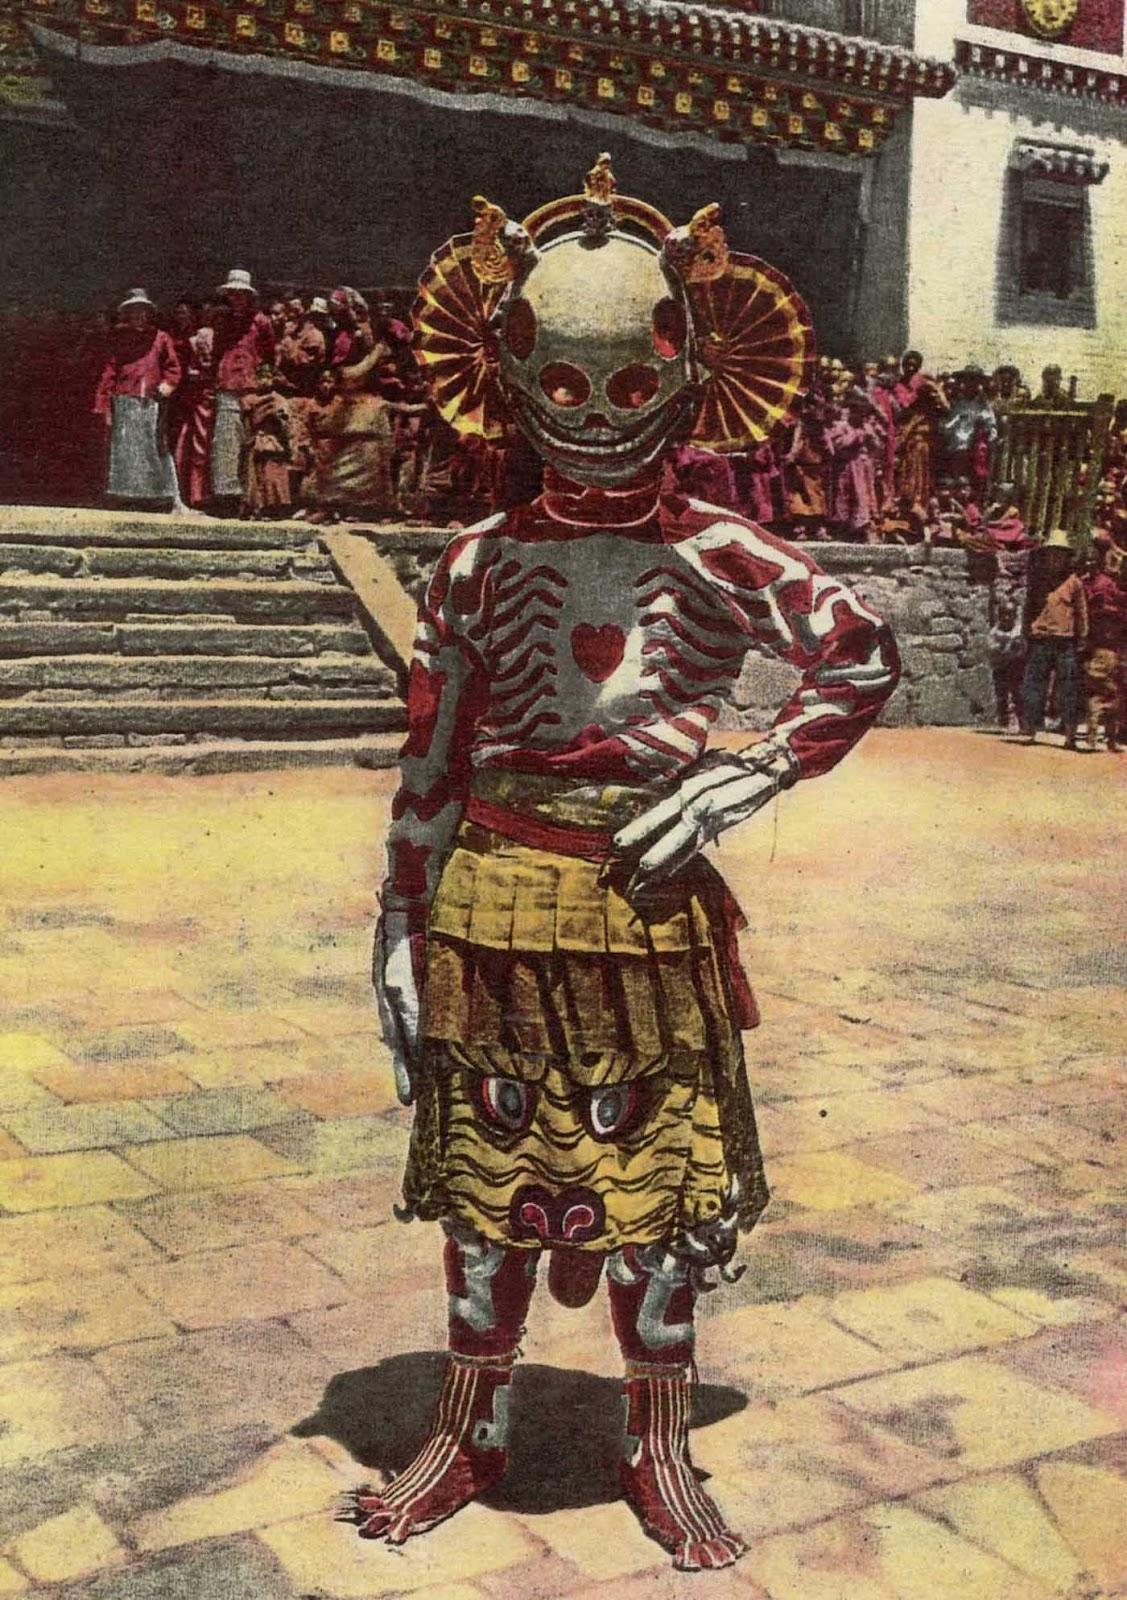 Danza del esqueleto tibetano, 1925.